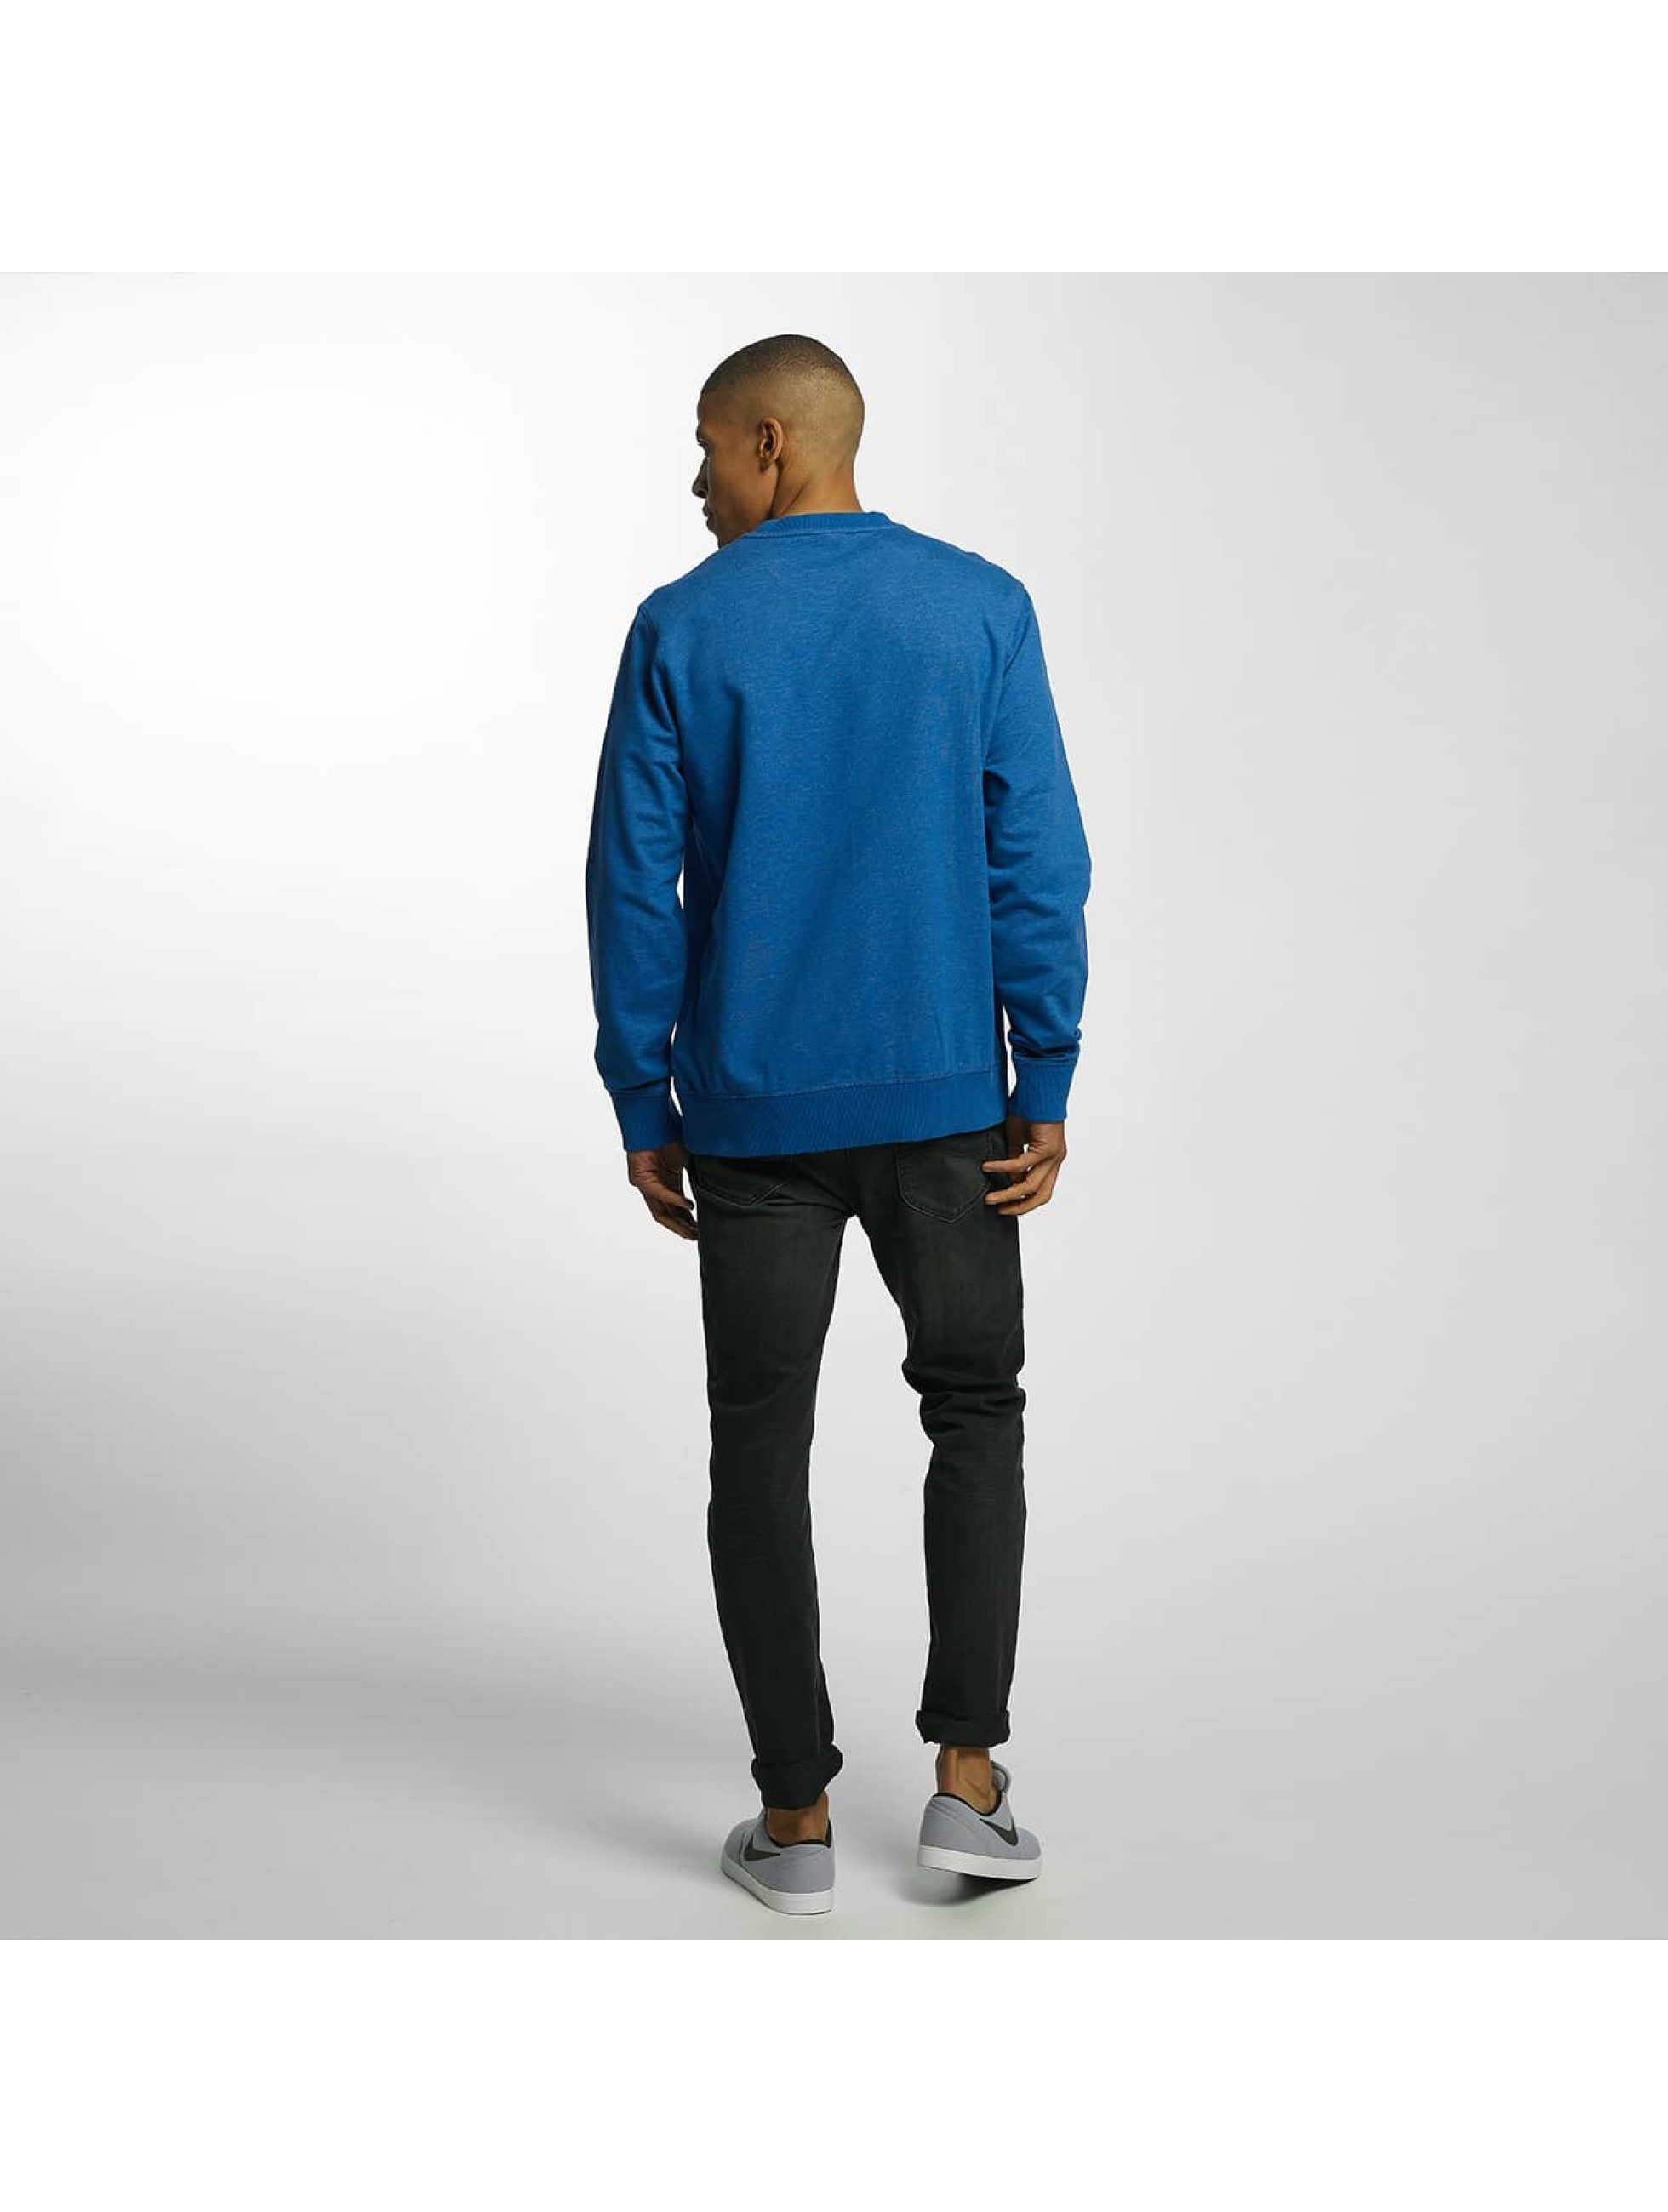 Timberland Sweat & Pull Stonybrook bleu